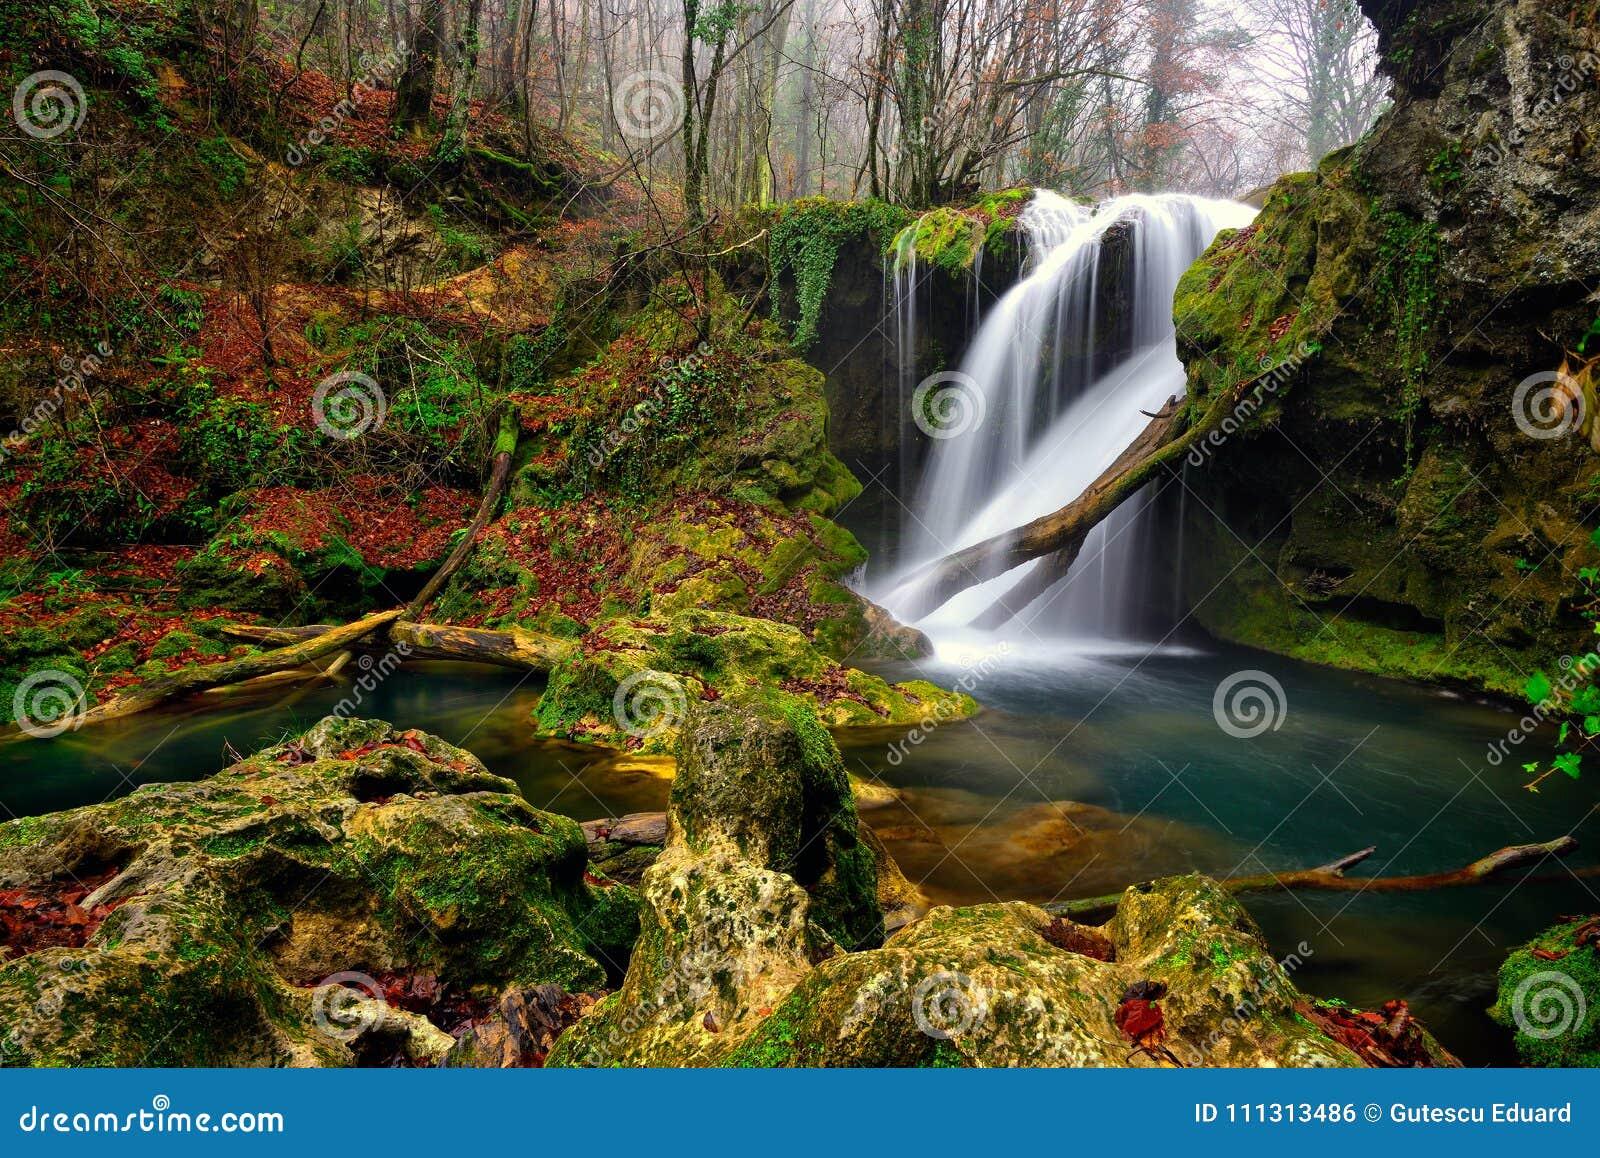 Όμορφος καταρράκτης τοπίων της Ρουμανίας στο δασικό και φυσικό φυσικό πάρκο Cheile Nerei